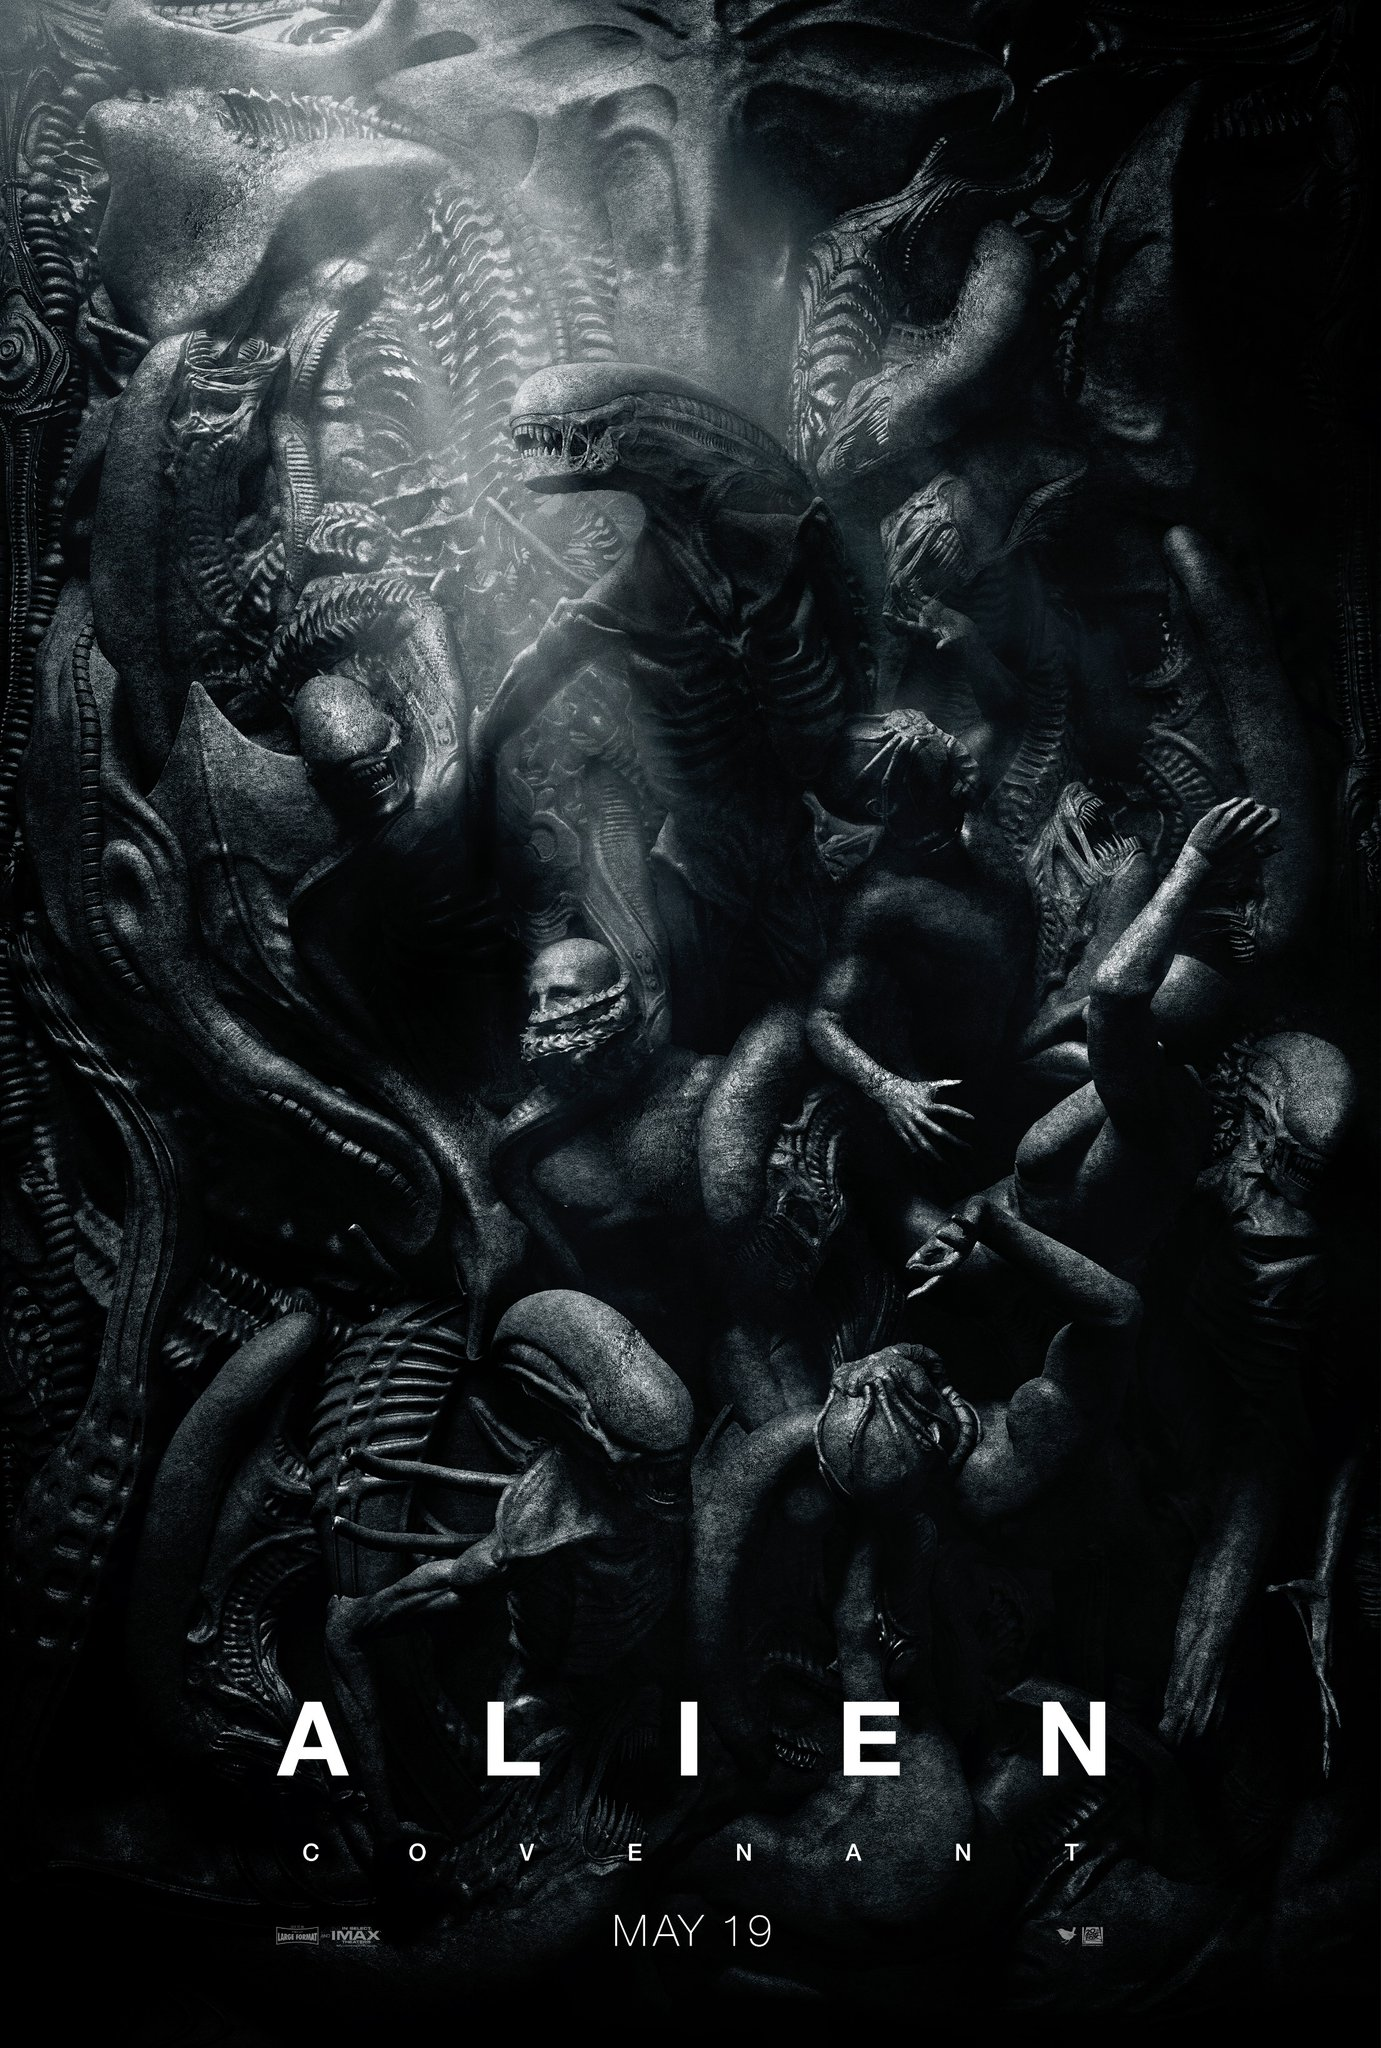 szmk_alien_covenant_poster_3.jpg